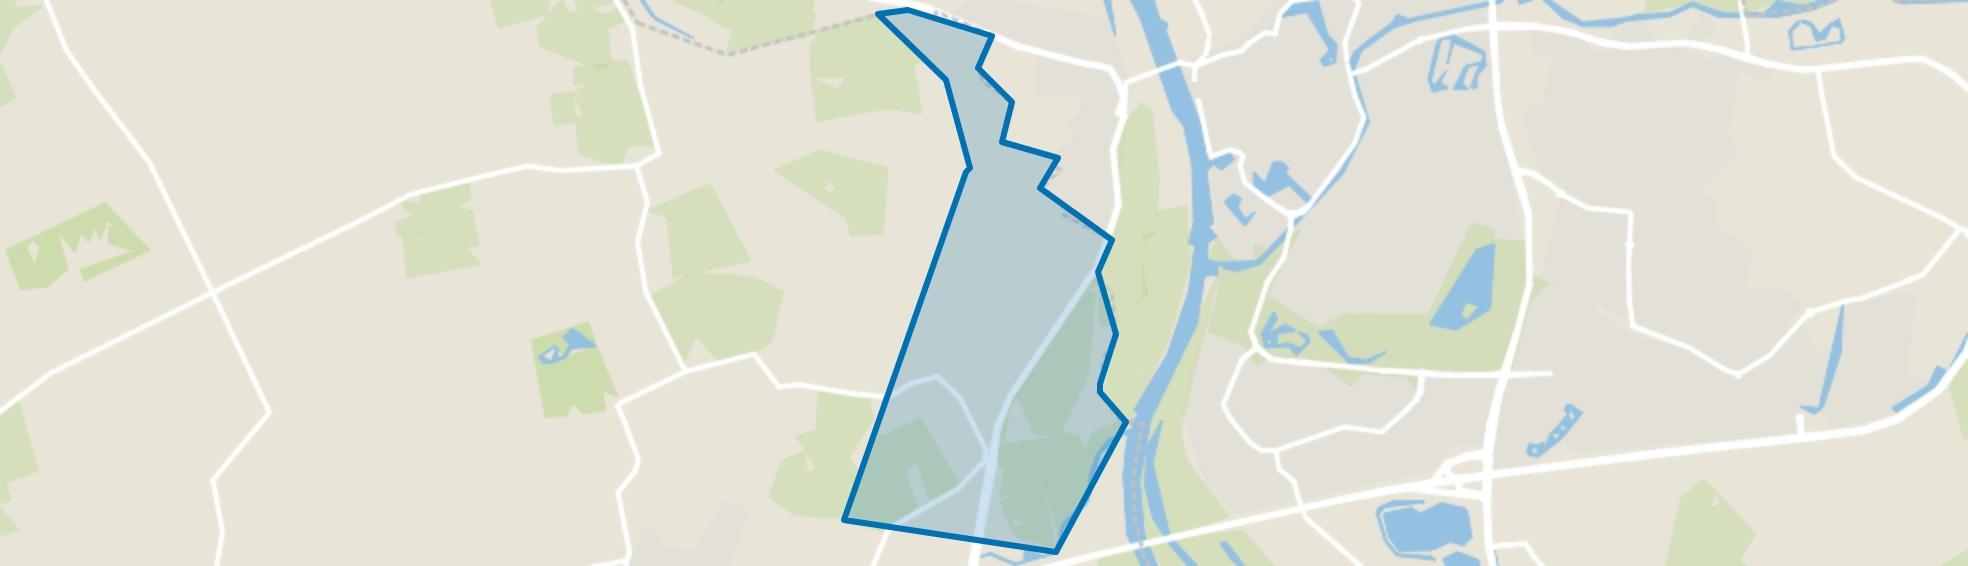 Wapsum, Brummen map